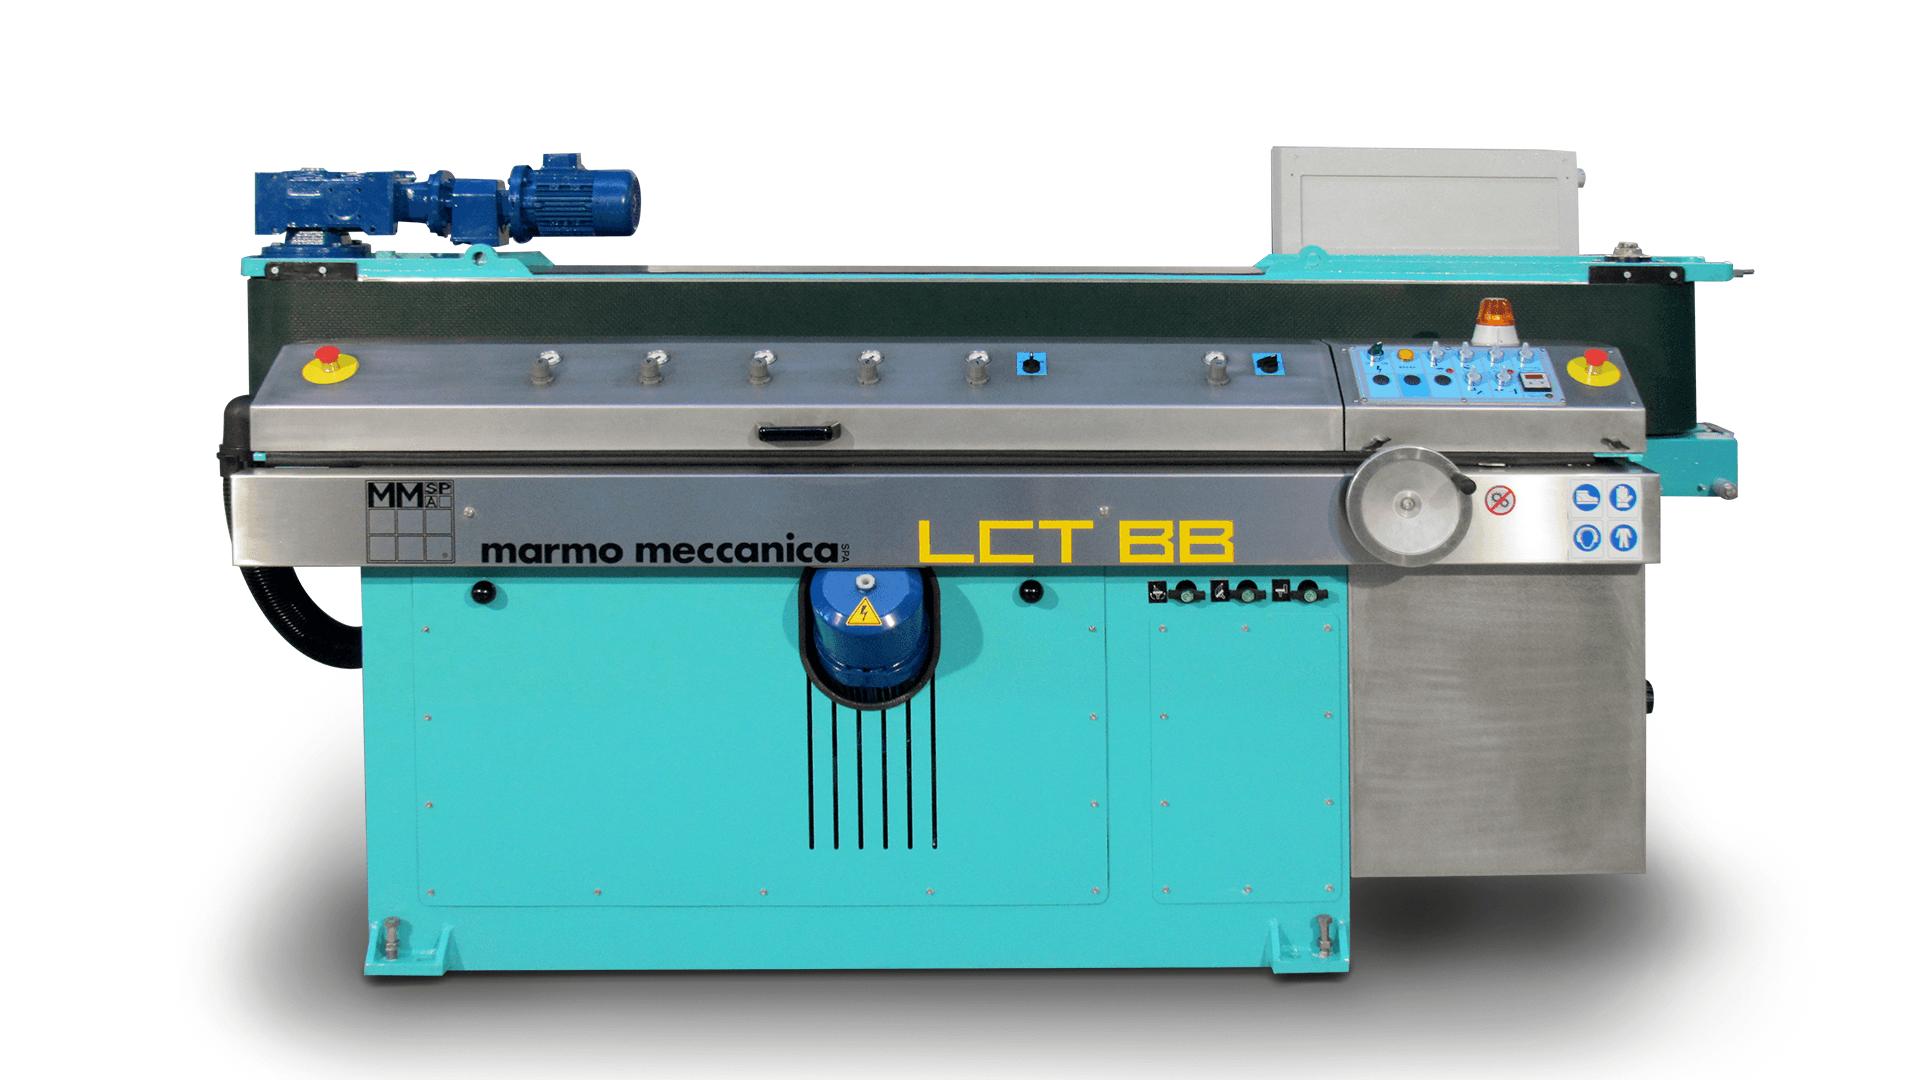 LCT 511-BB full